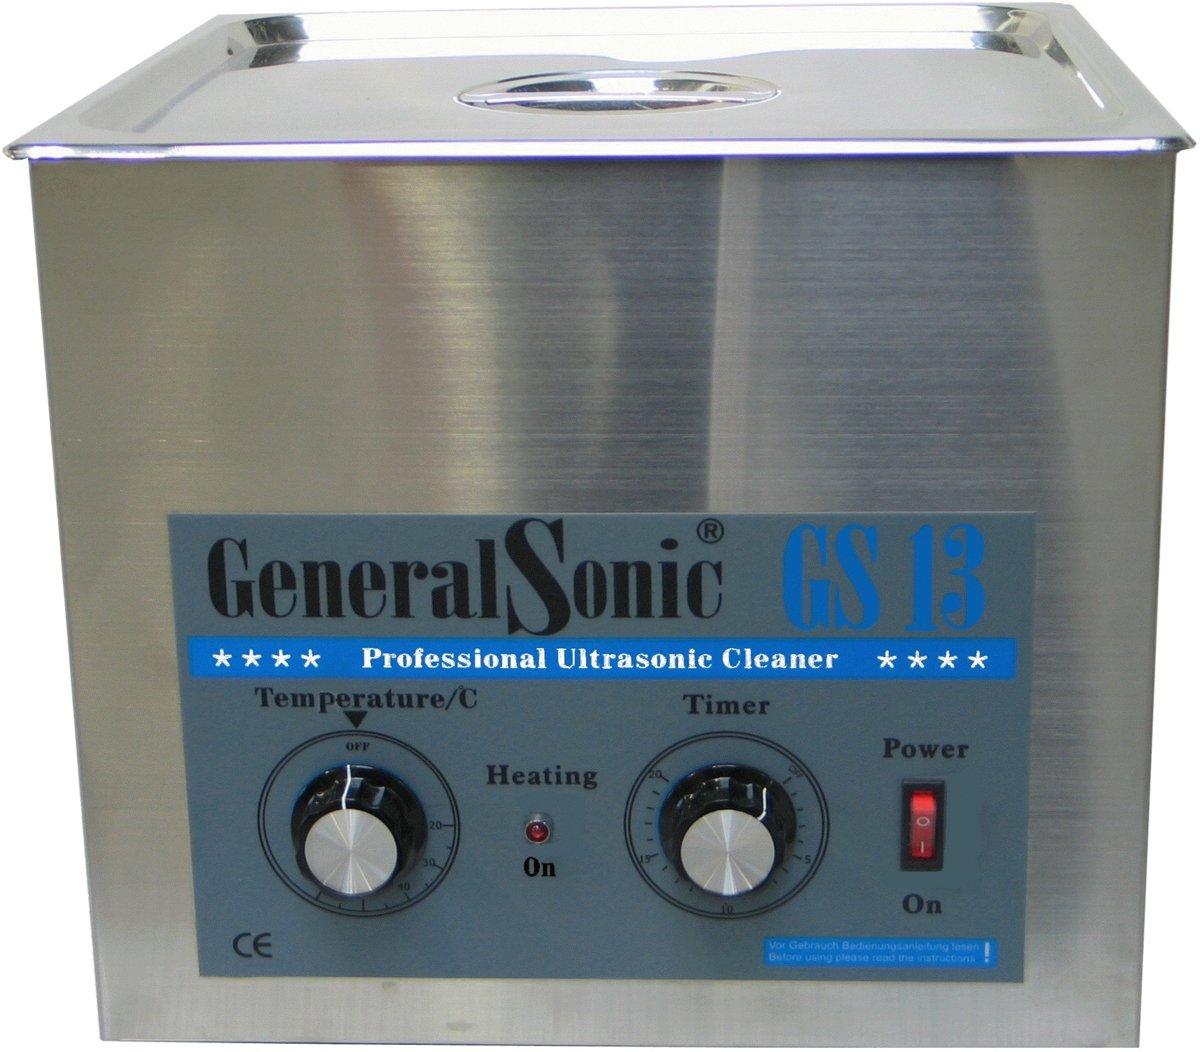 GeneralSonic GS13 – 13 liter kopen